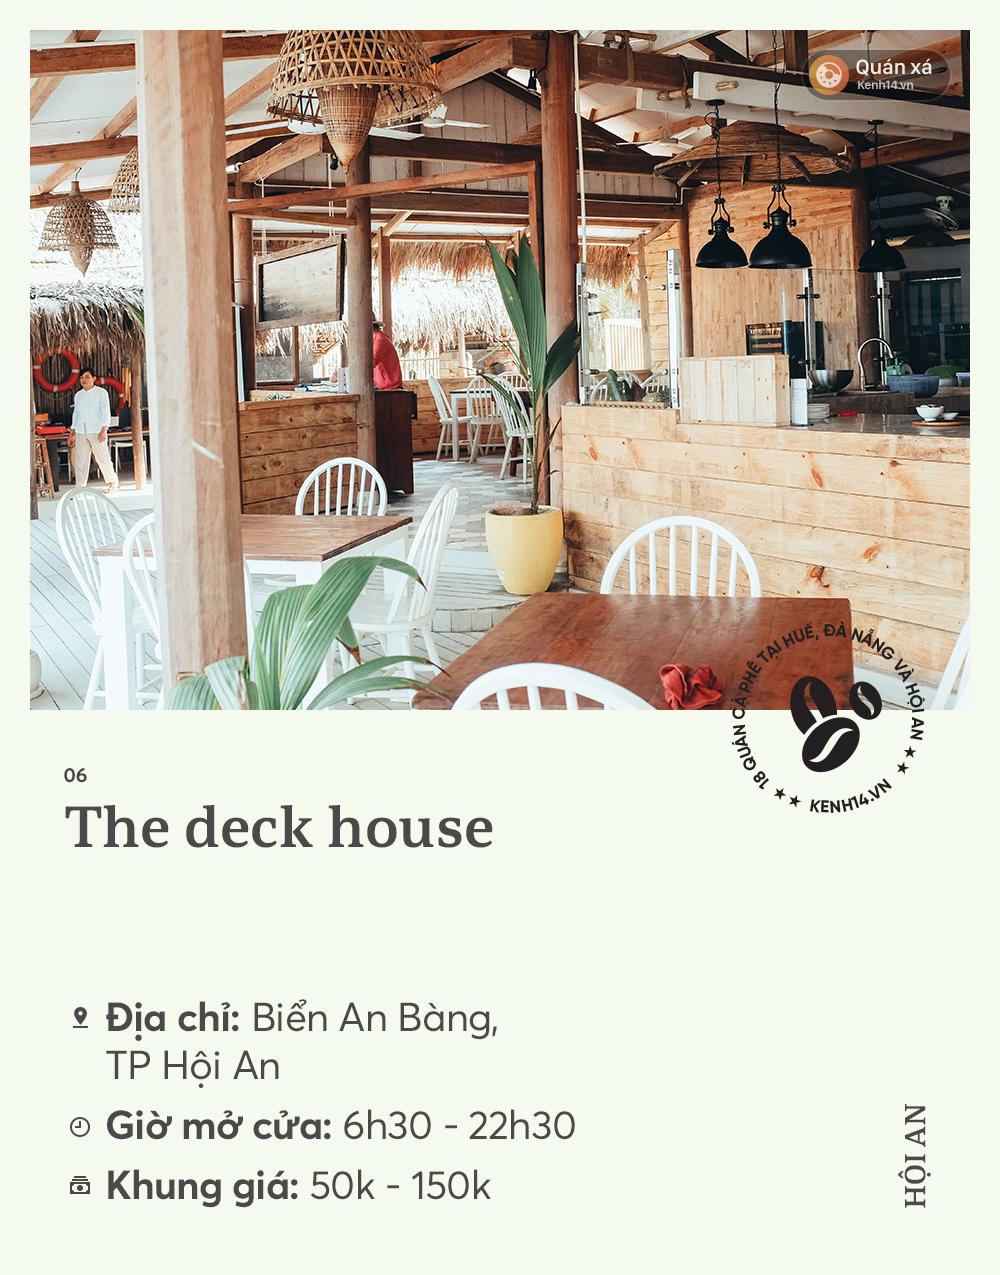 Cẩm nang những quán cà phê cực xinh cho ai sắp đi Huế - Đà Nẵng - Hội An - Ảnh 11.